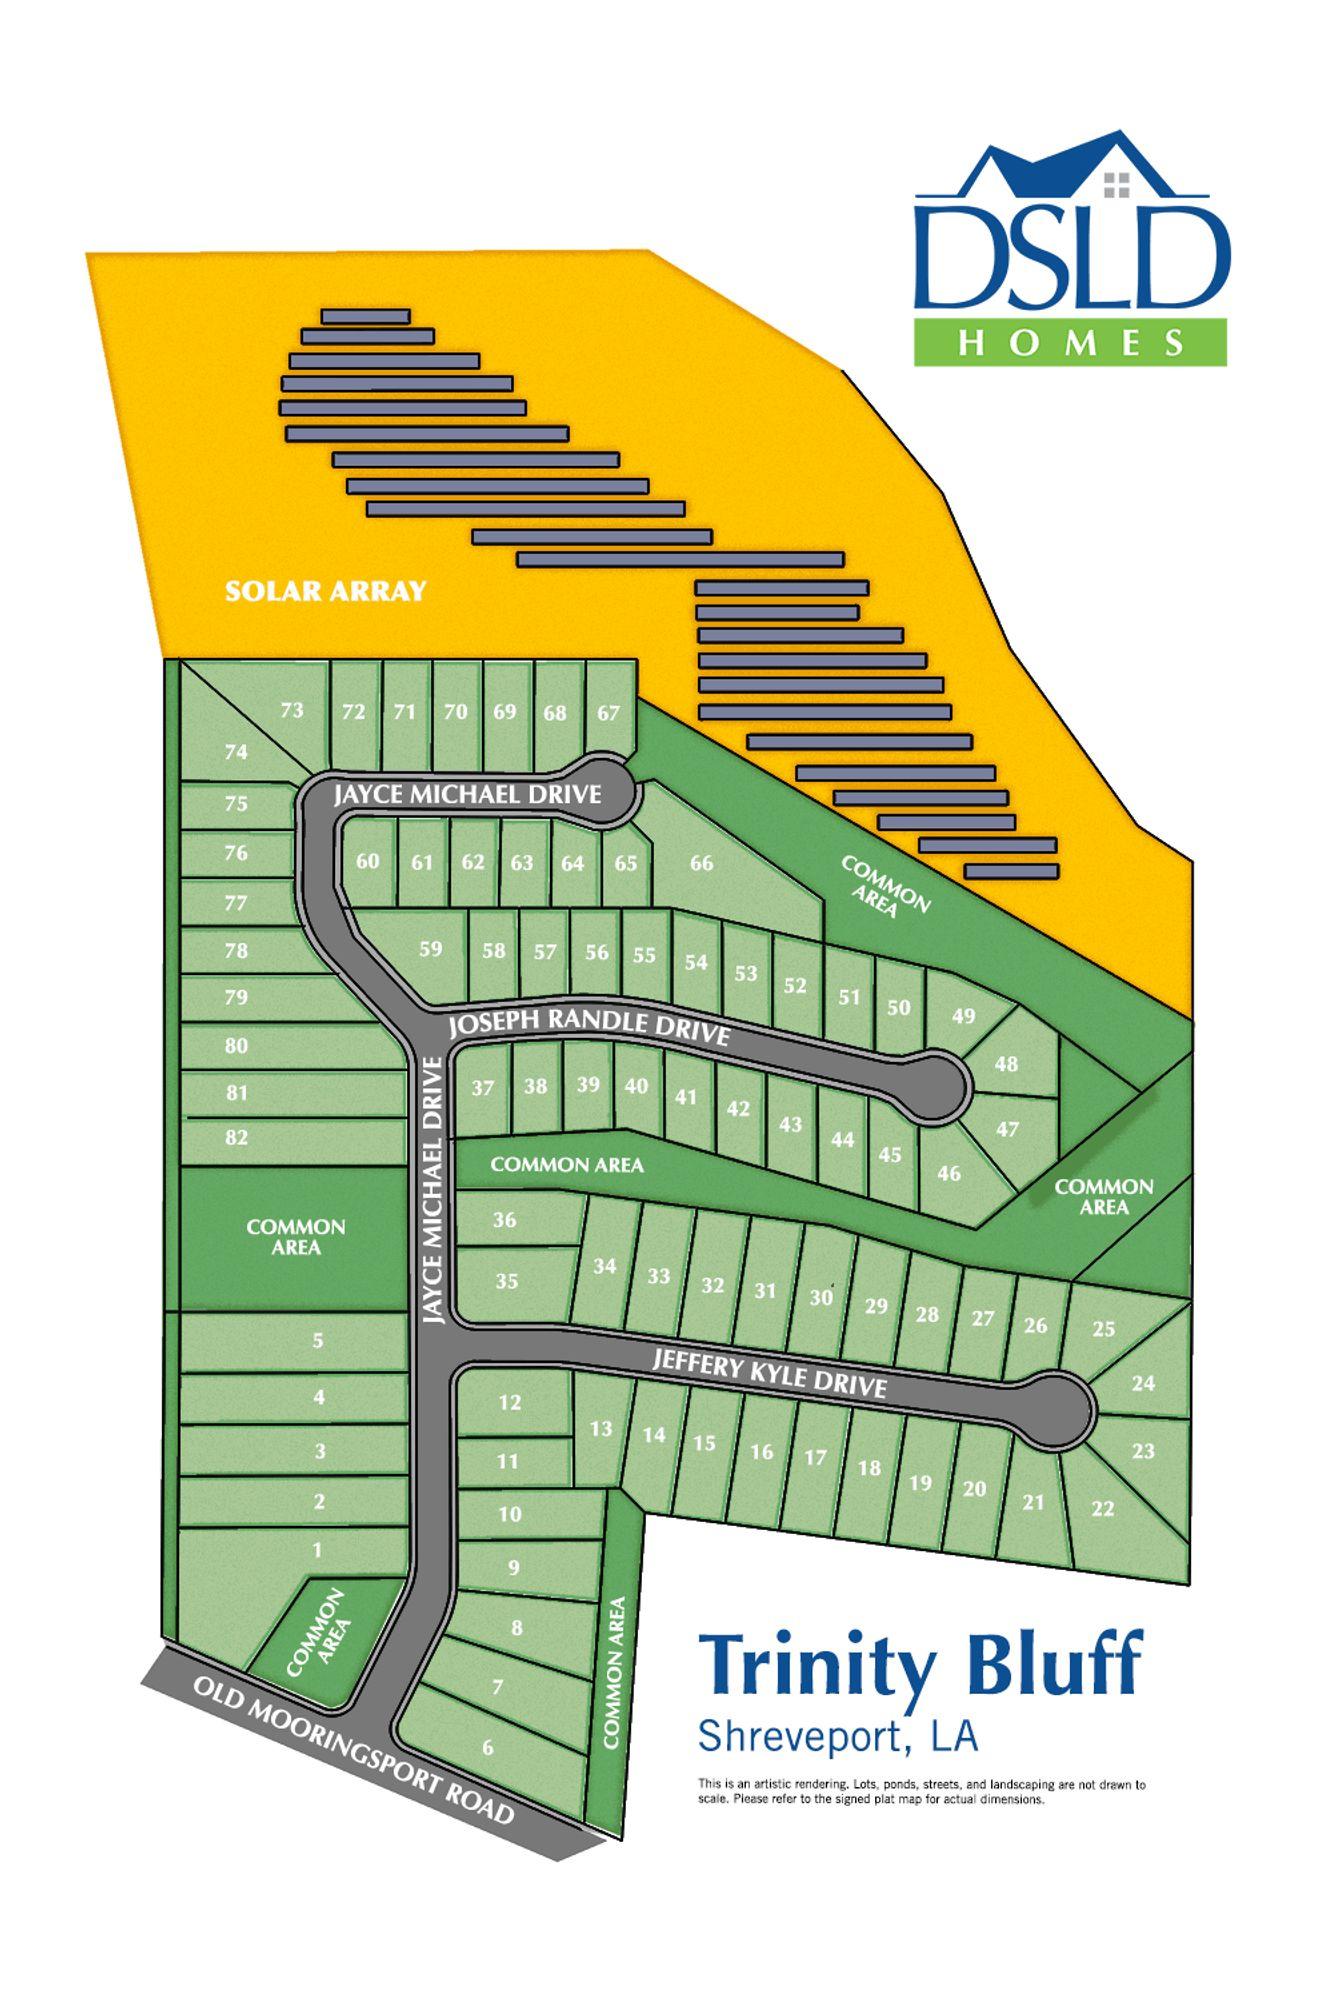 Trinity Bluff